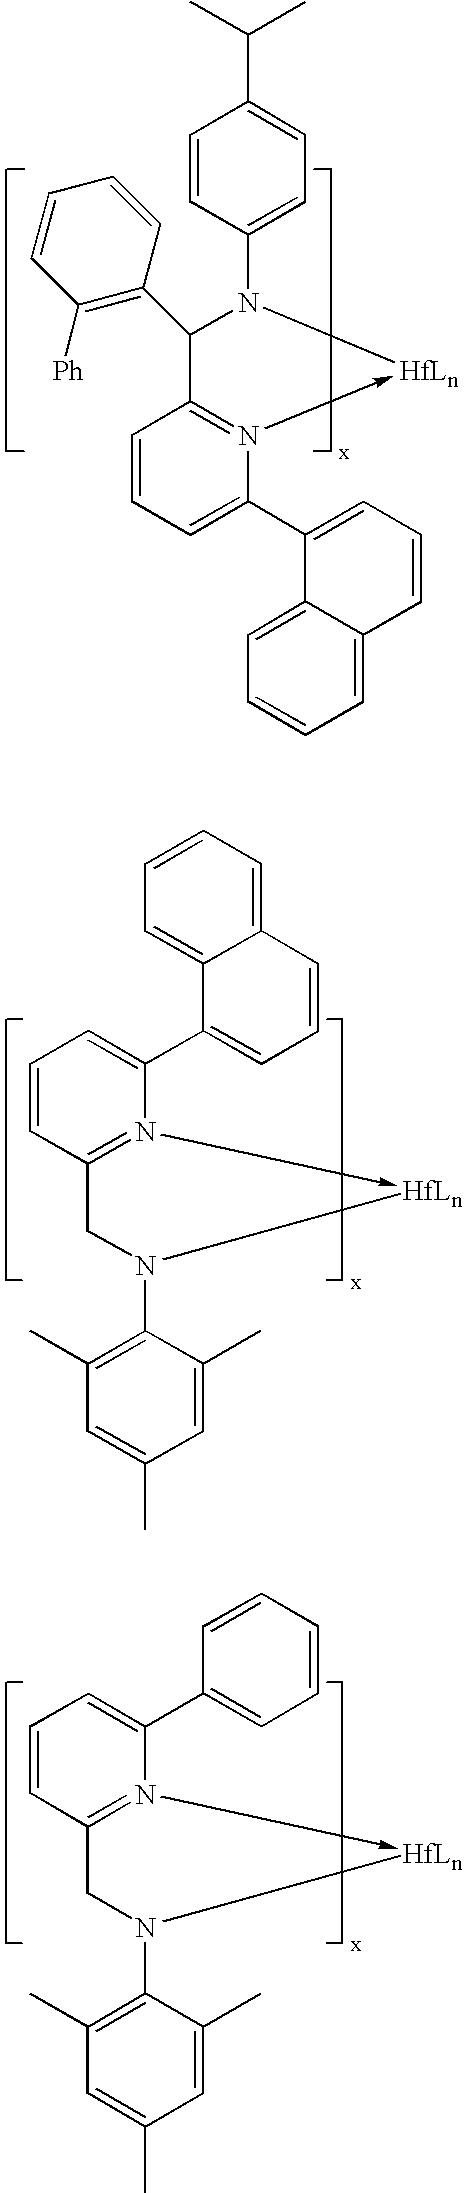 Figure US06946535-20050920-C00014